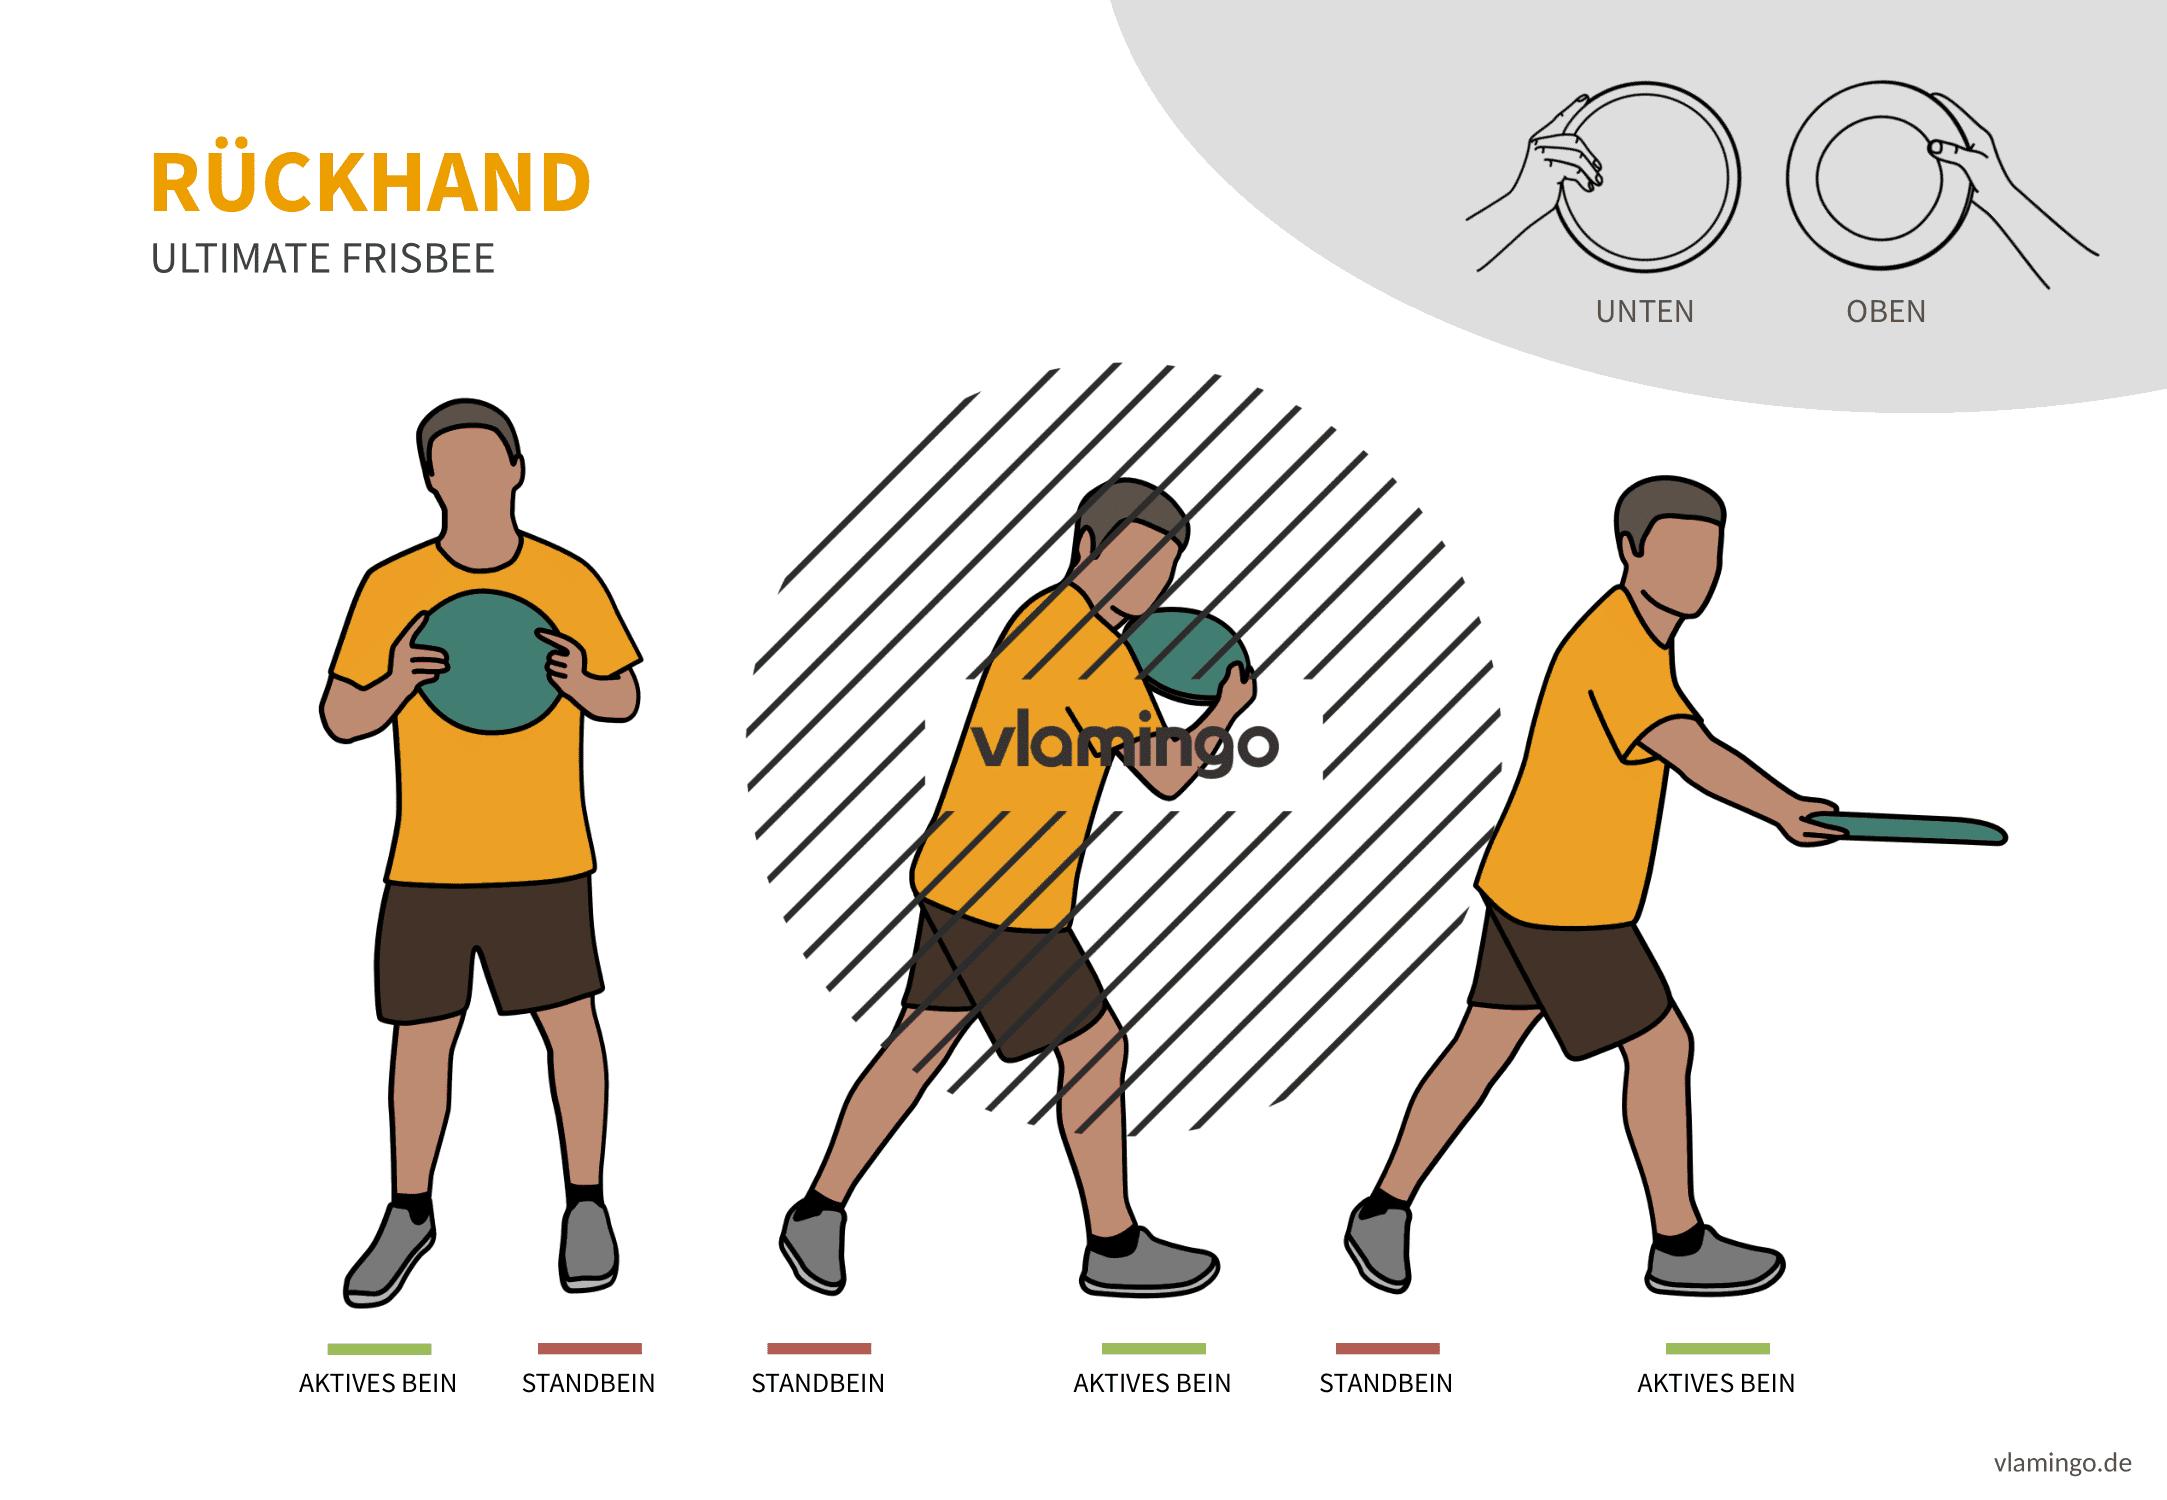 Frisbee - Wurftechnik - Rückhand